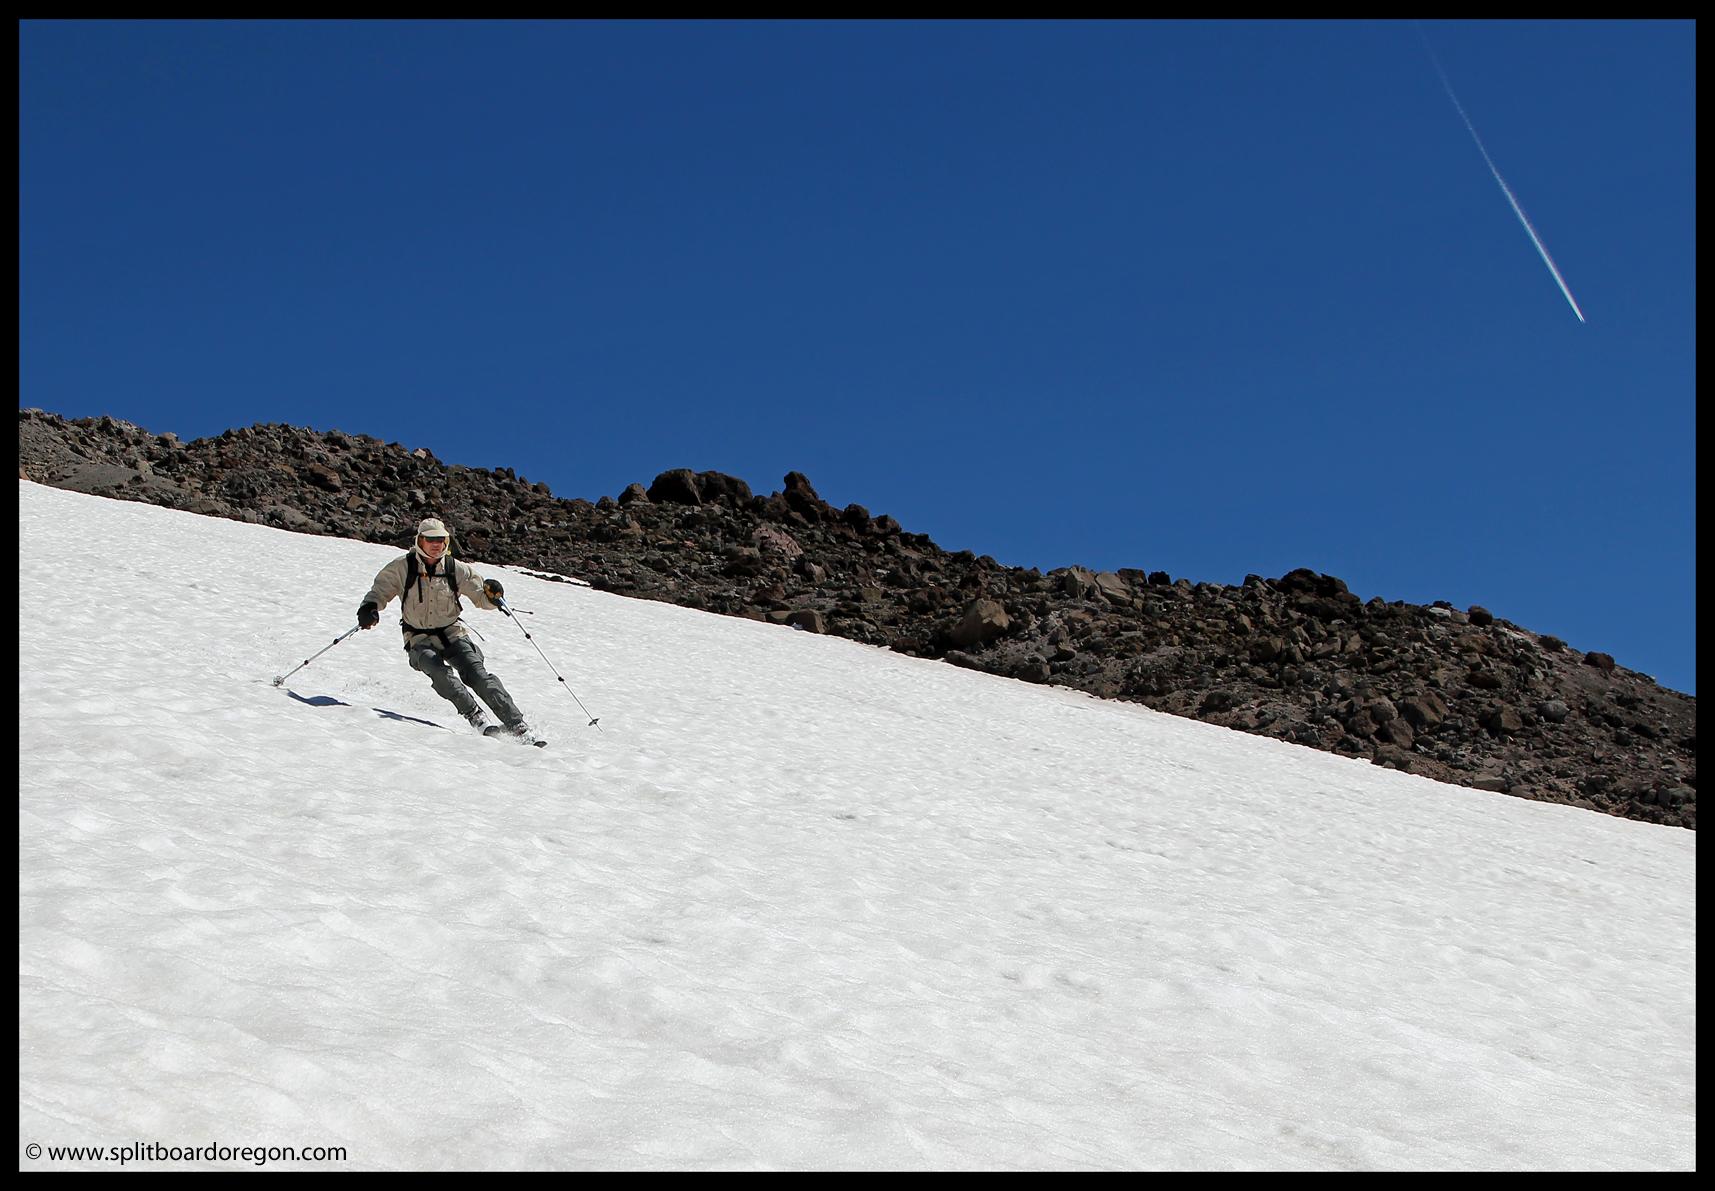 September ski turns